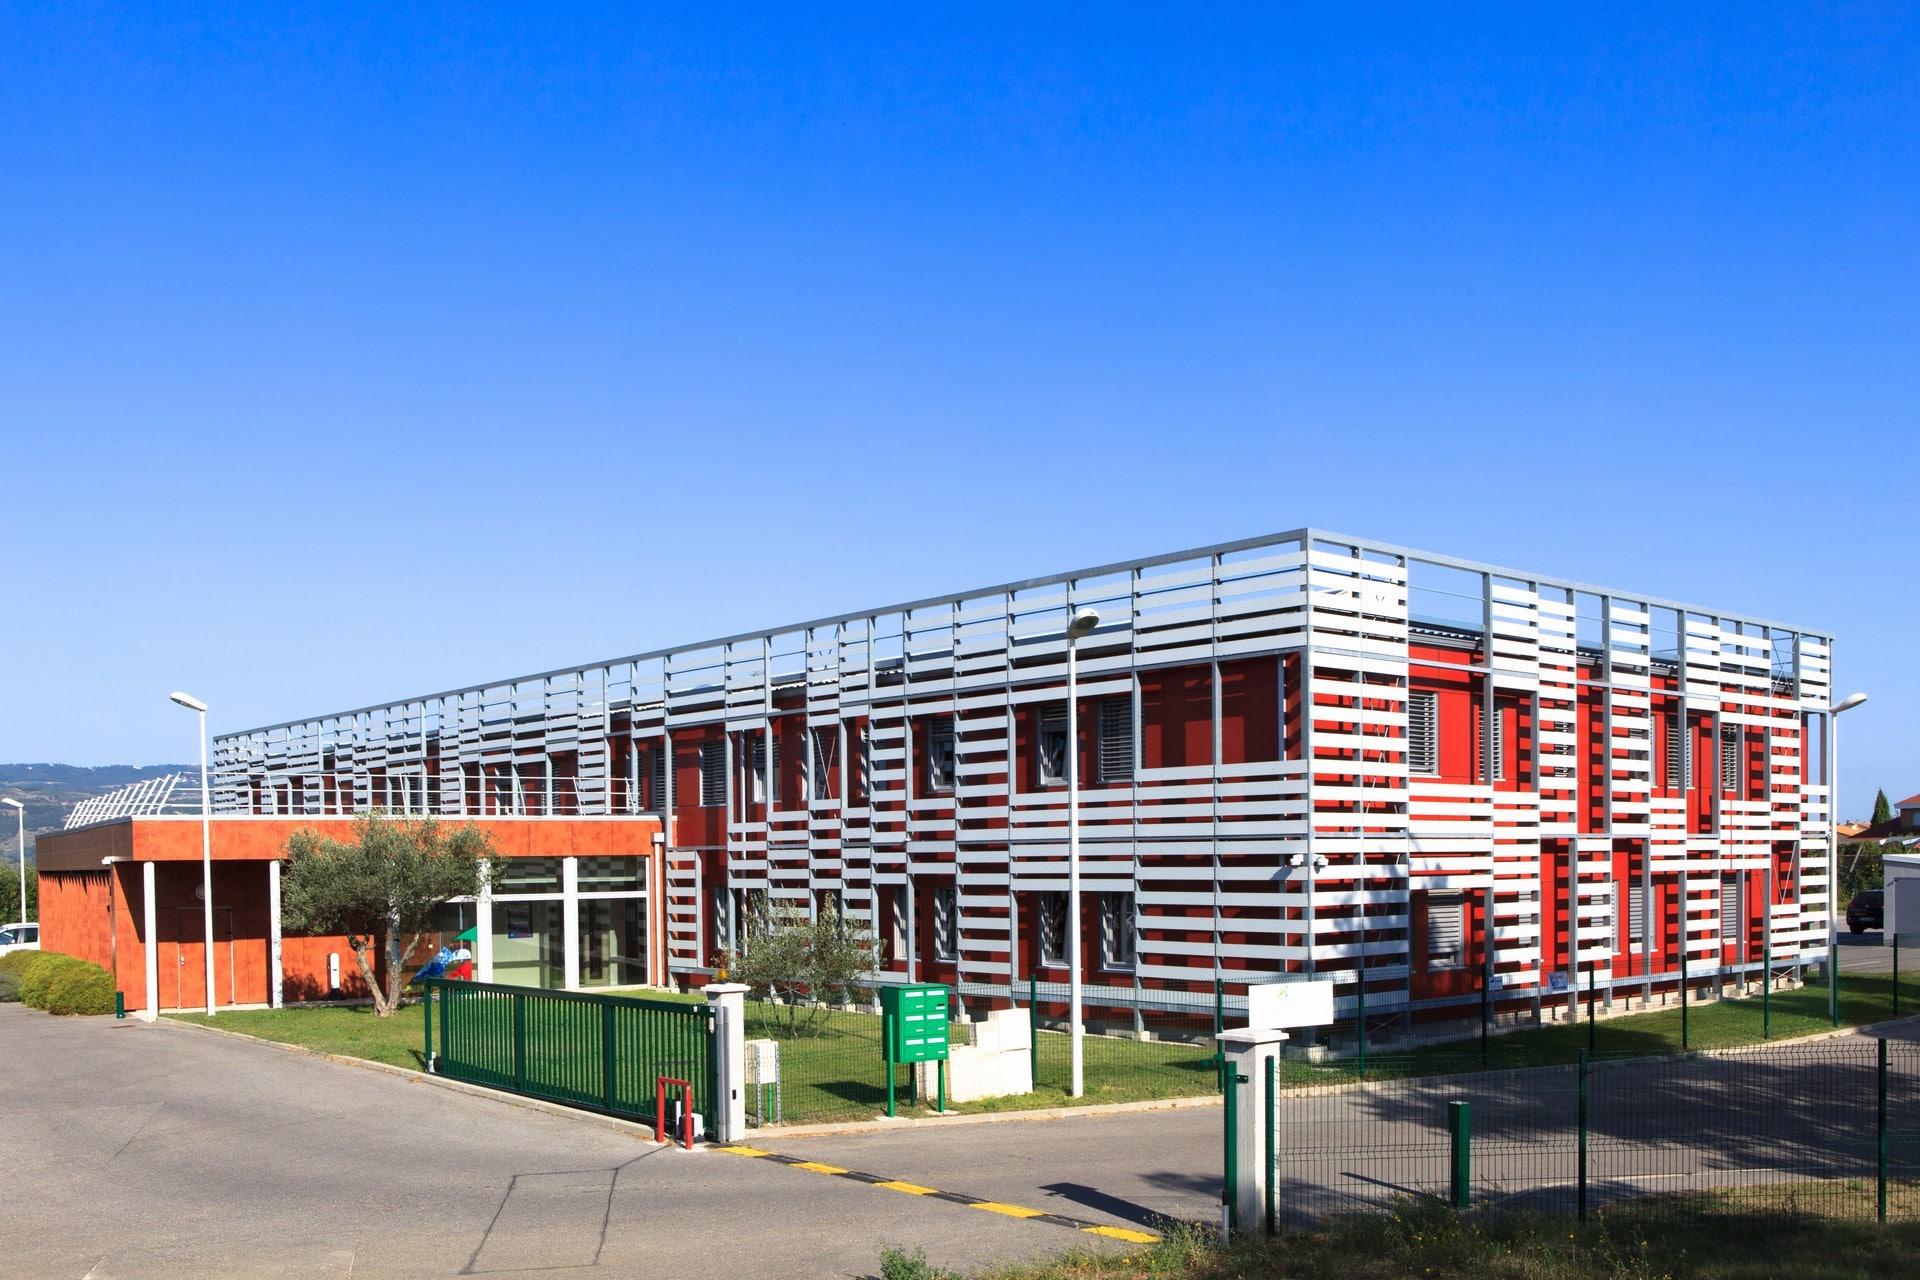 Chambre d'Agriculture de la Drôme à BOURG LES VALENCE